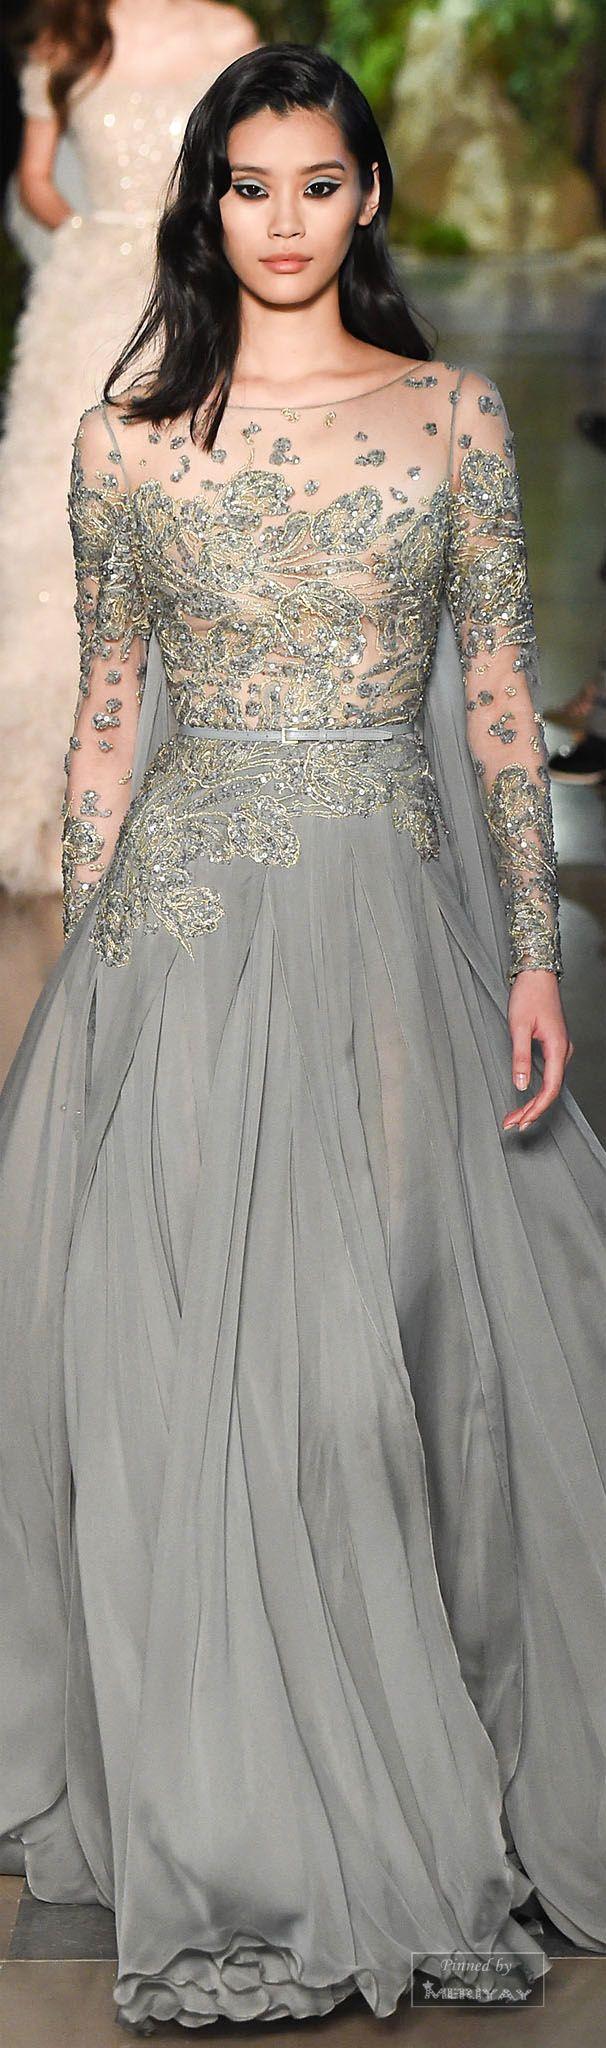 Elie Saab Spring 2015 Couture prachtig maar niet voor mijne portemonnee en niet voor mijn leven,ik zou niet weten wanneer ik dit zou aan doen ;)